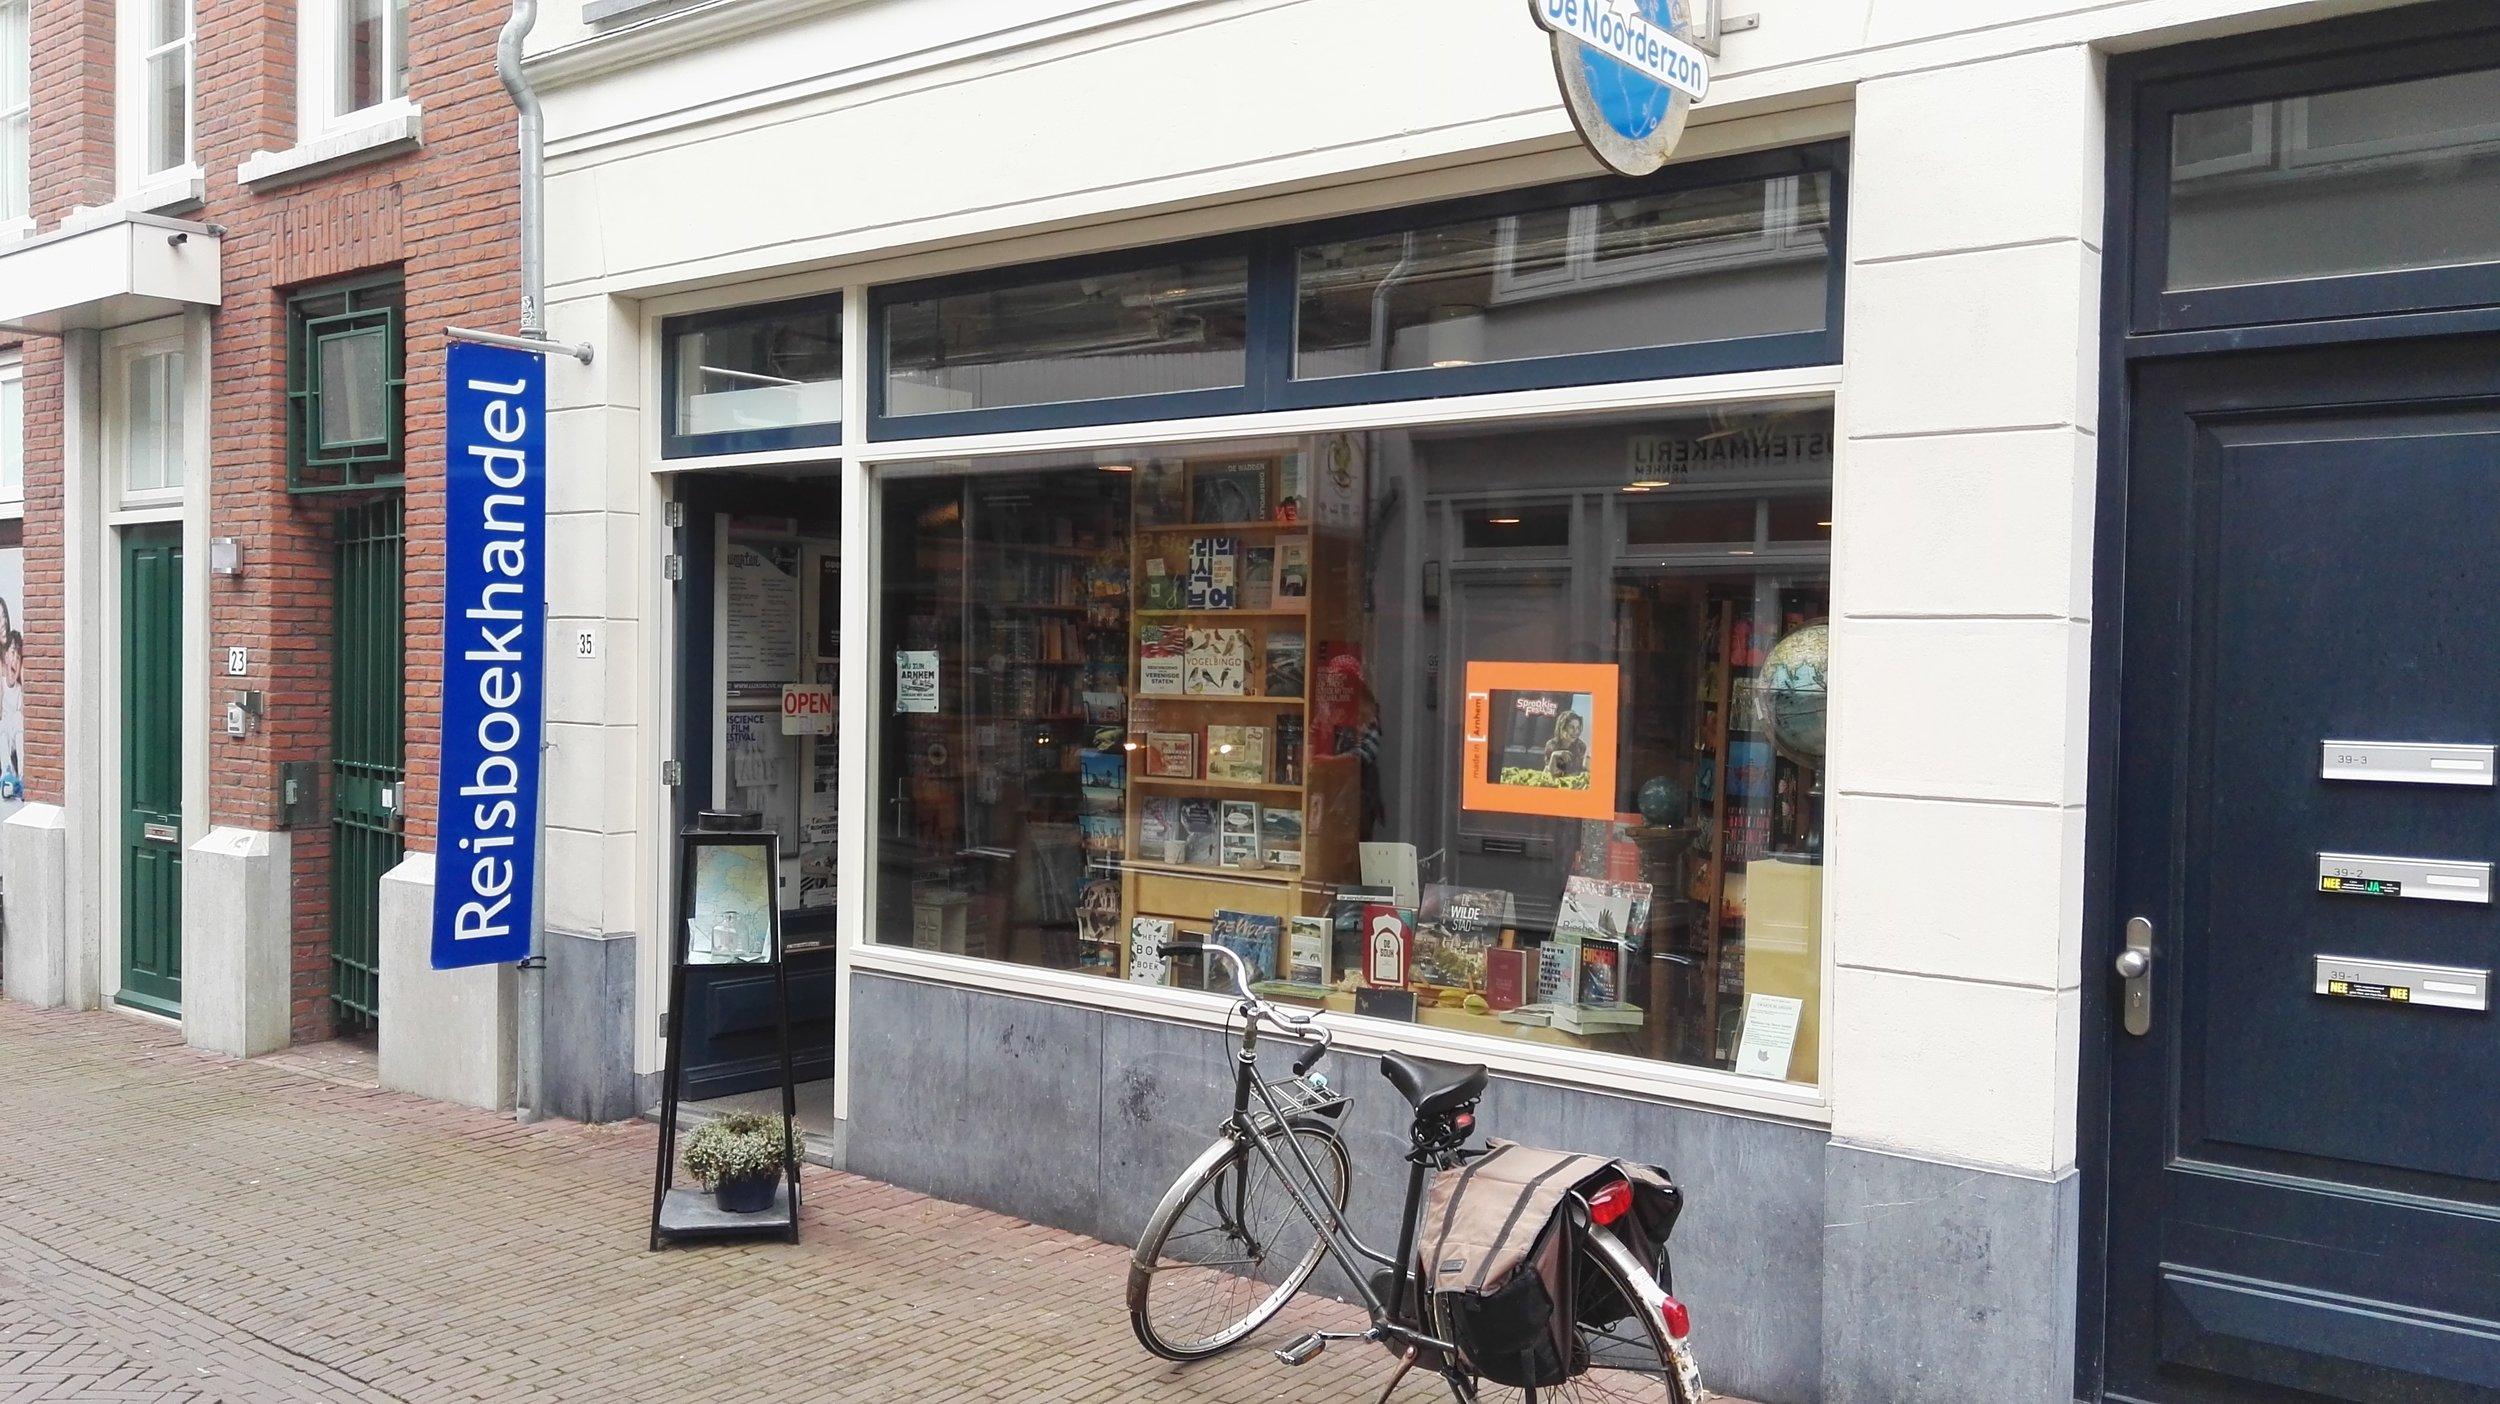 Reisboekhandel De Noorderzon - Bij Reisboekhandel de Noorderon krijgt u 50% korting op de wandelkaart van uid-Veluwe twv. € 12,95 bij besteding met het mantelzorgcompliment.